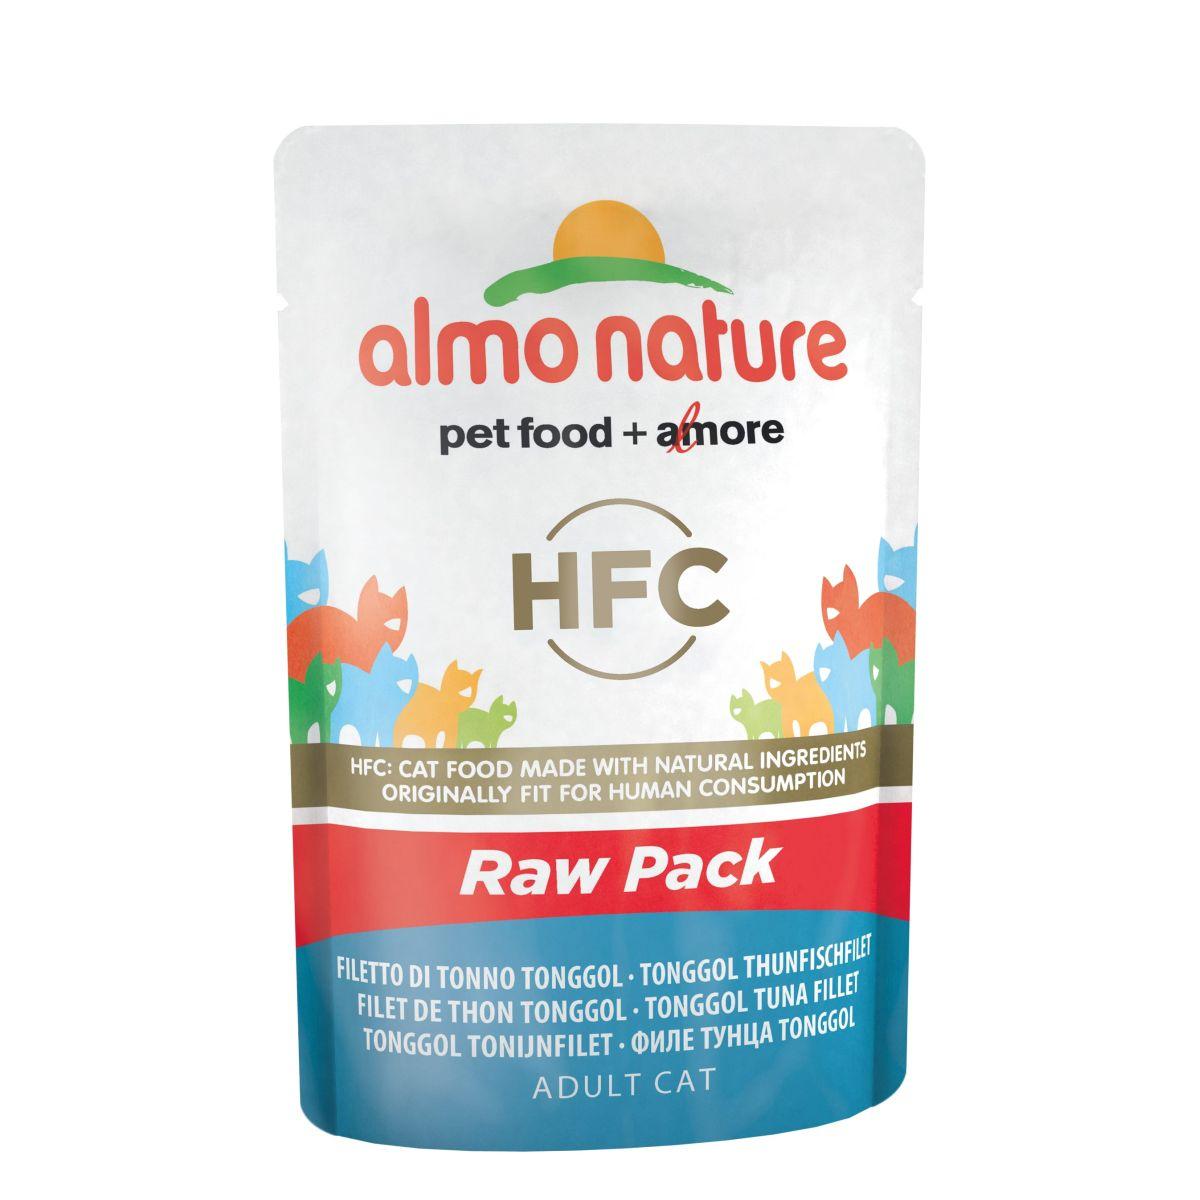 Almo Nature Classic Raw Pack Tonggol Tonijn Filet 24 x 55 gr